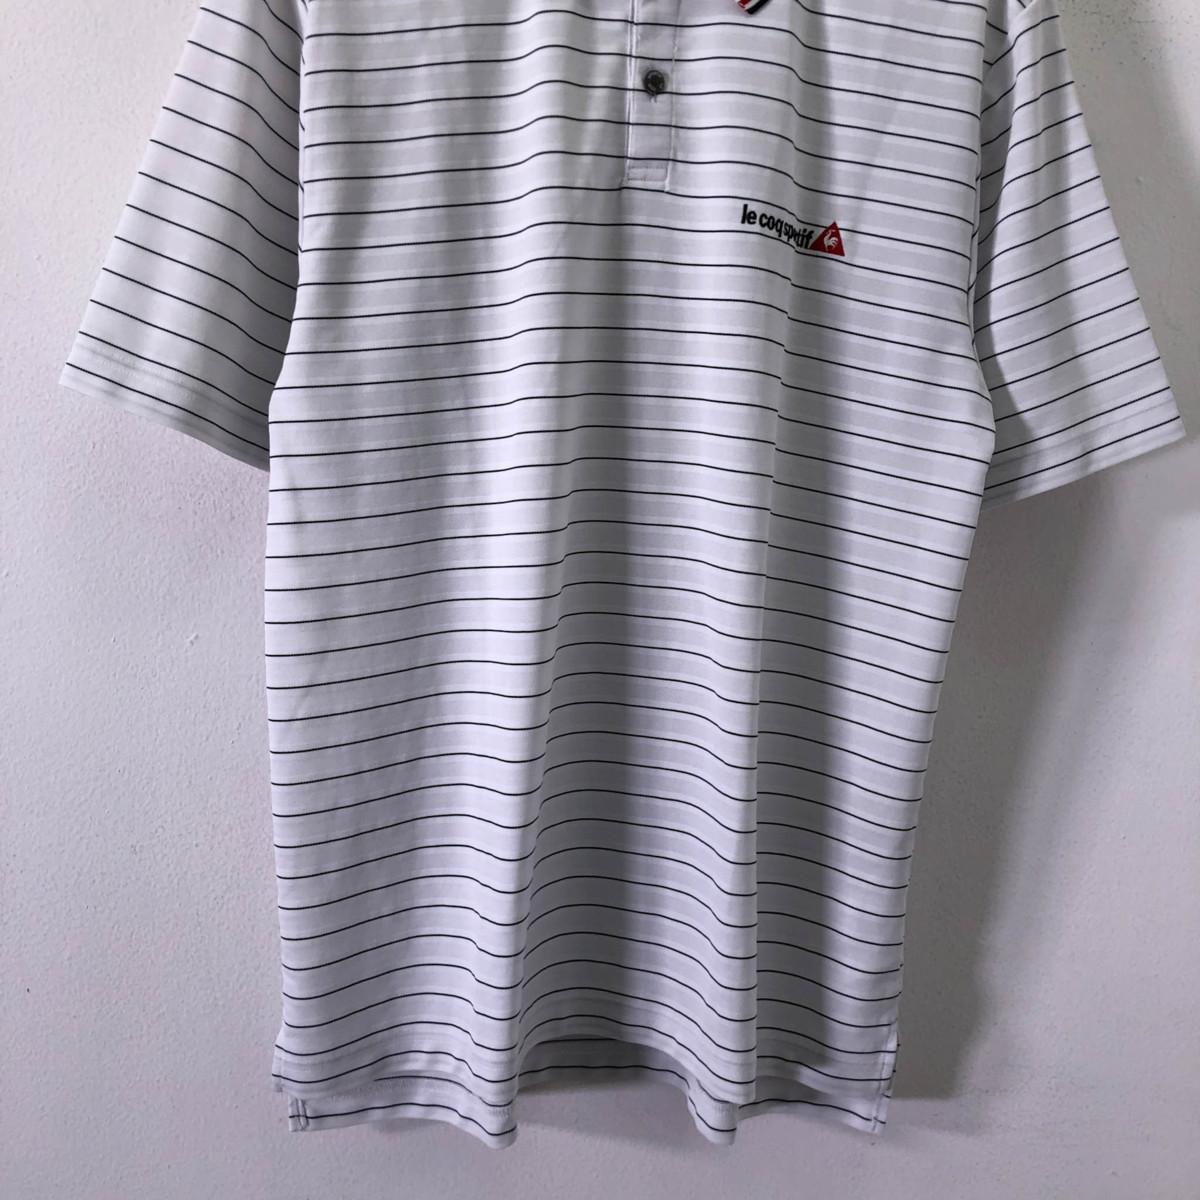 ゴルフに!!◆le coq sportif GOLF ルコック ゴルフ ロゴ刺繍 ボーダー柄 半袖 ドライ ポロシャツ M/メンズ スポーツ 白 ホワイト_画像3